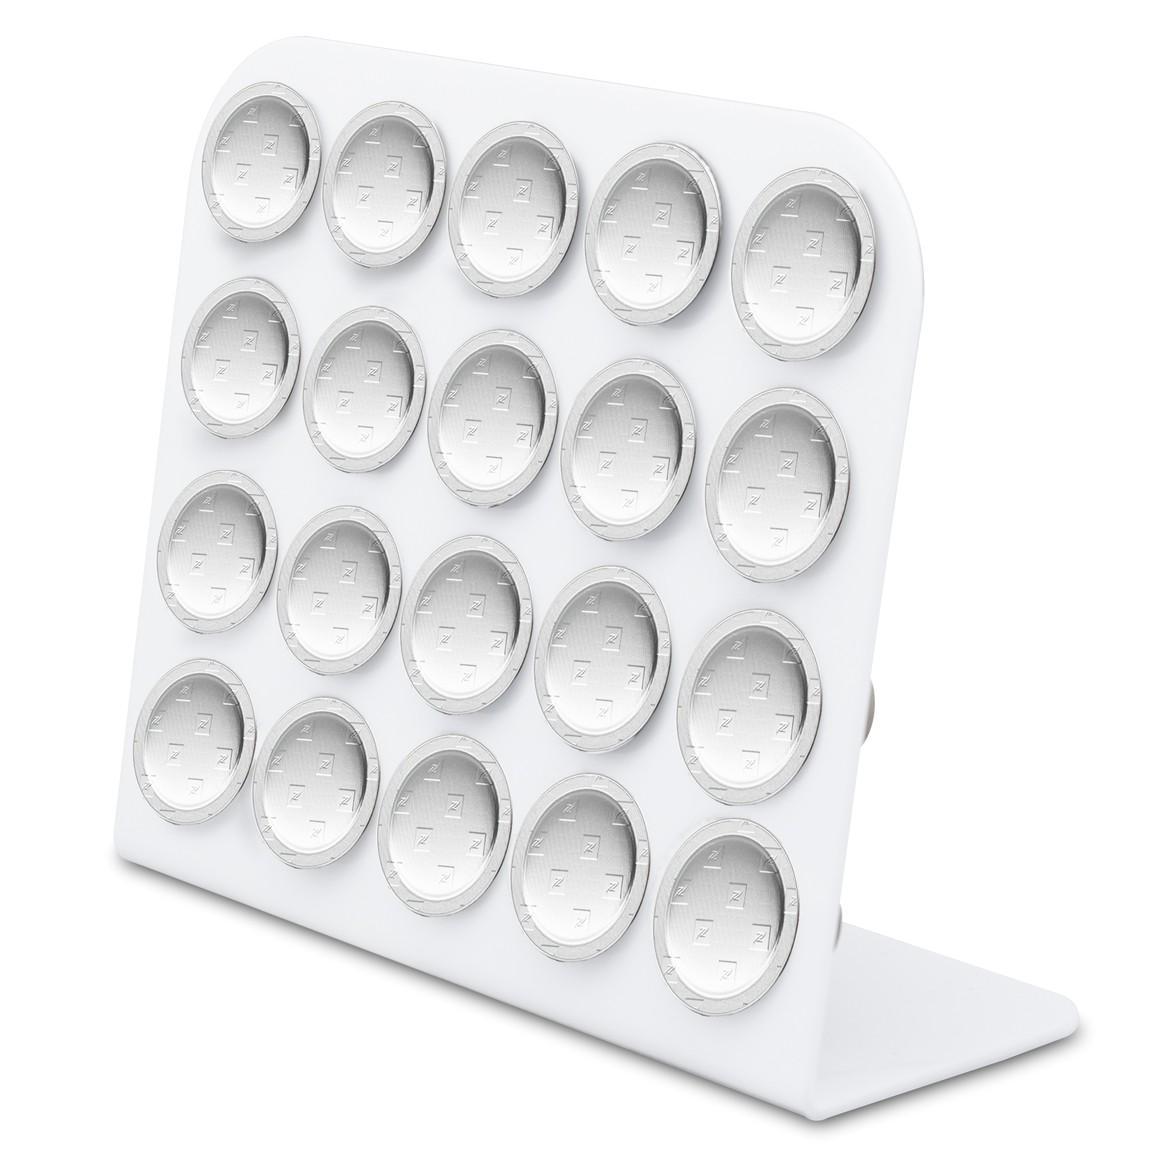 Porta Cápsula Acrílico - Compatível com Cápsulas Nespresso® - Branco - 20 un.